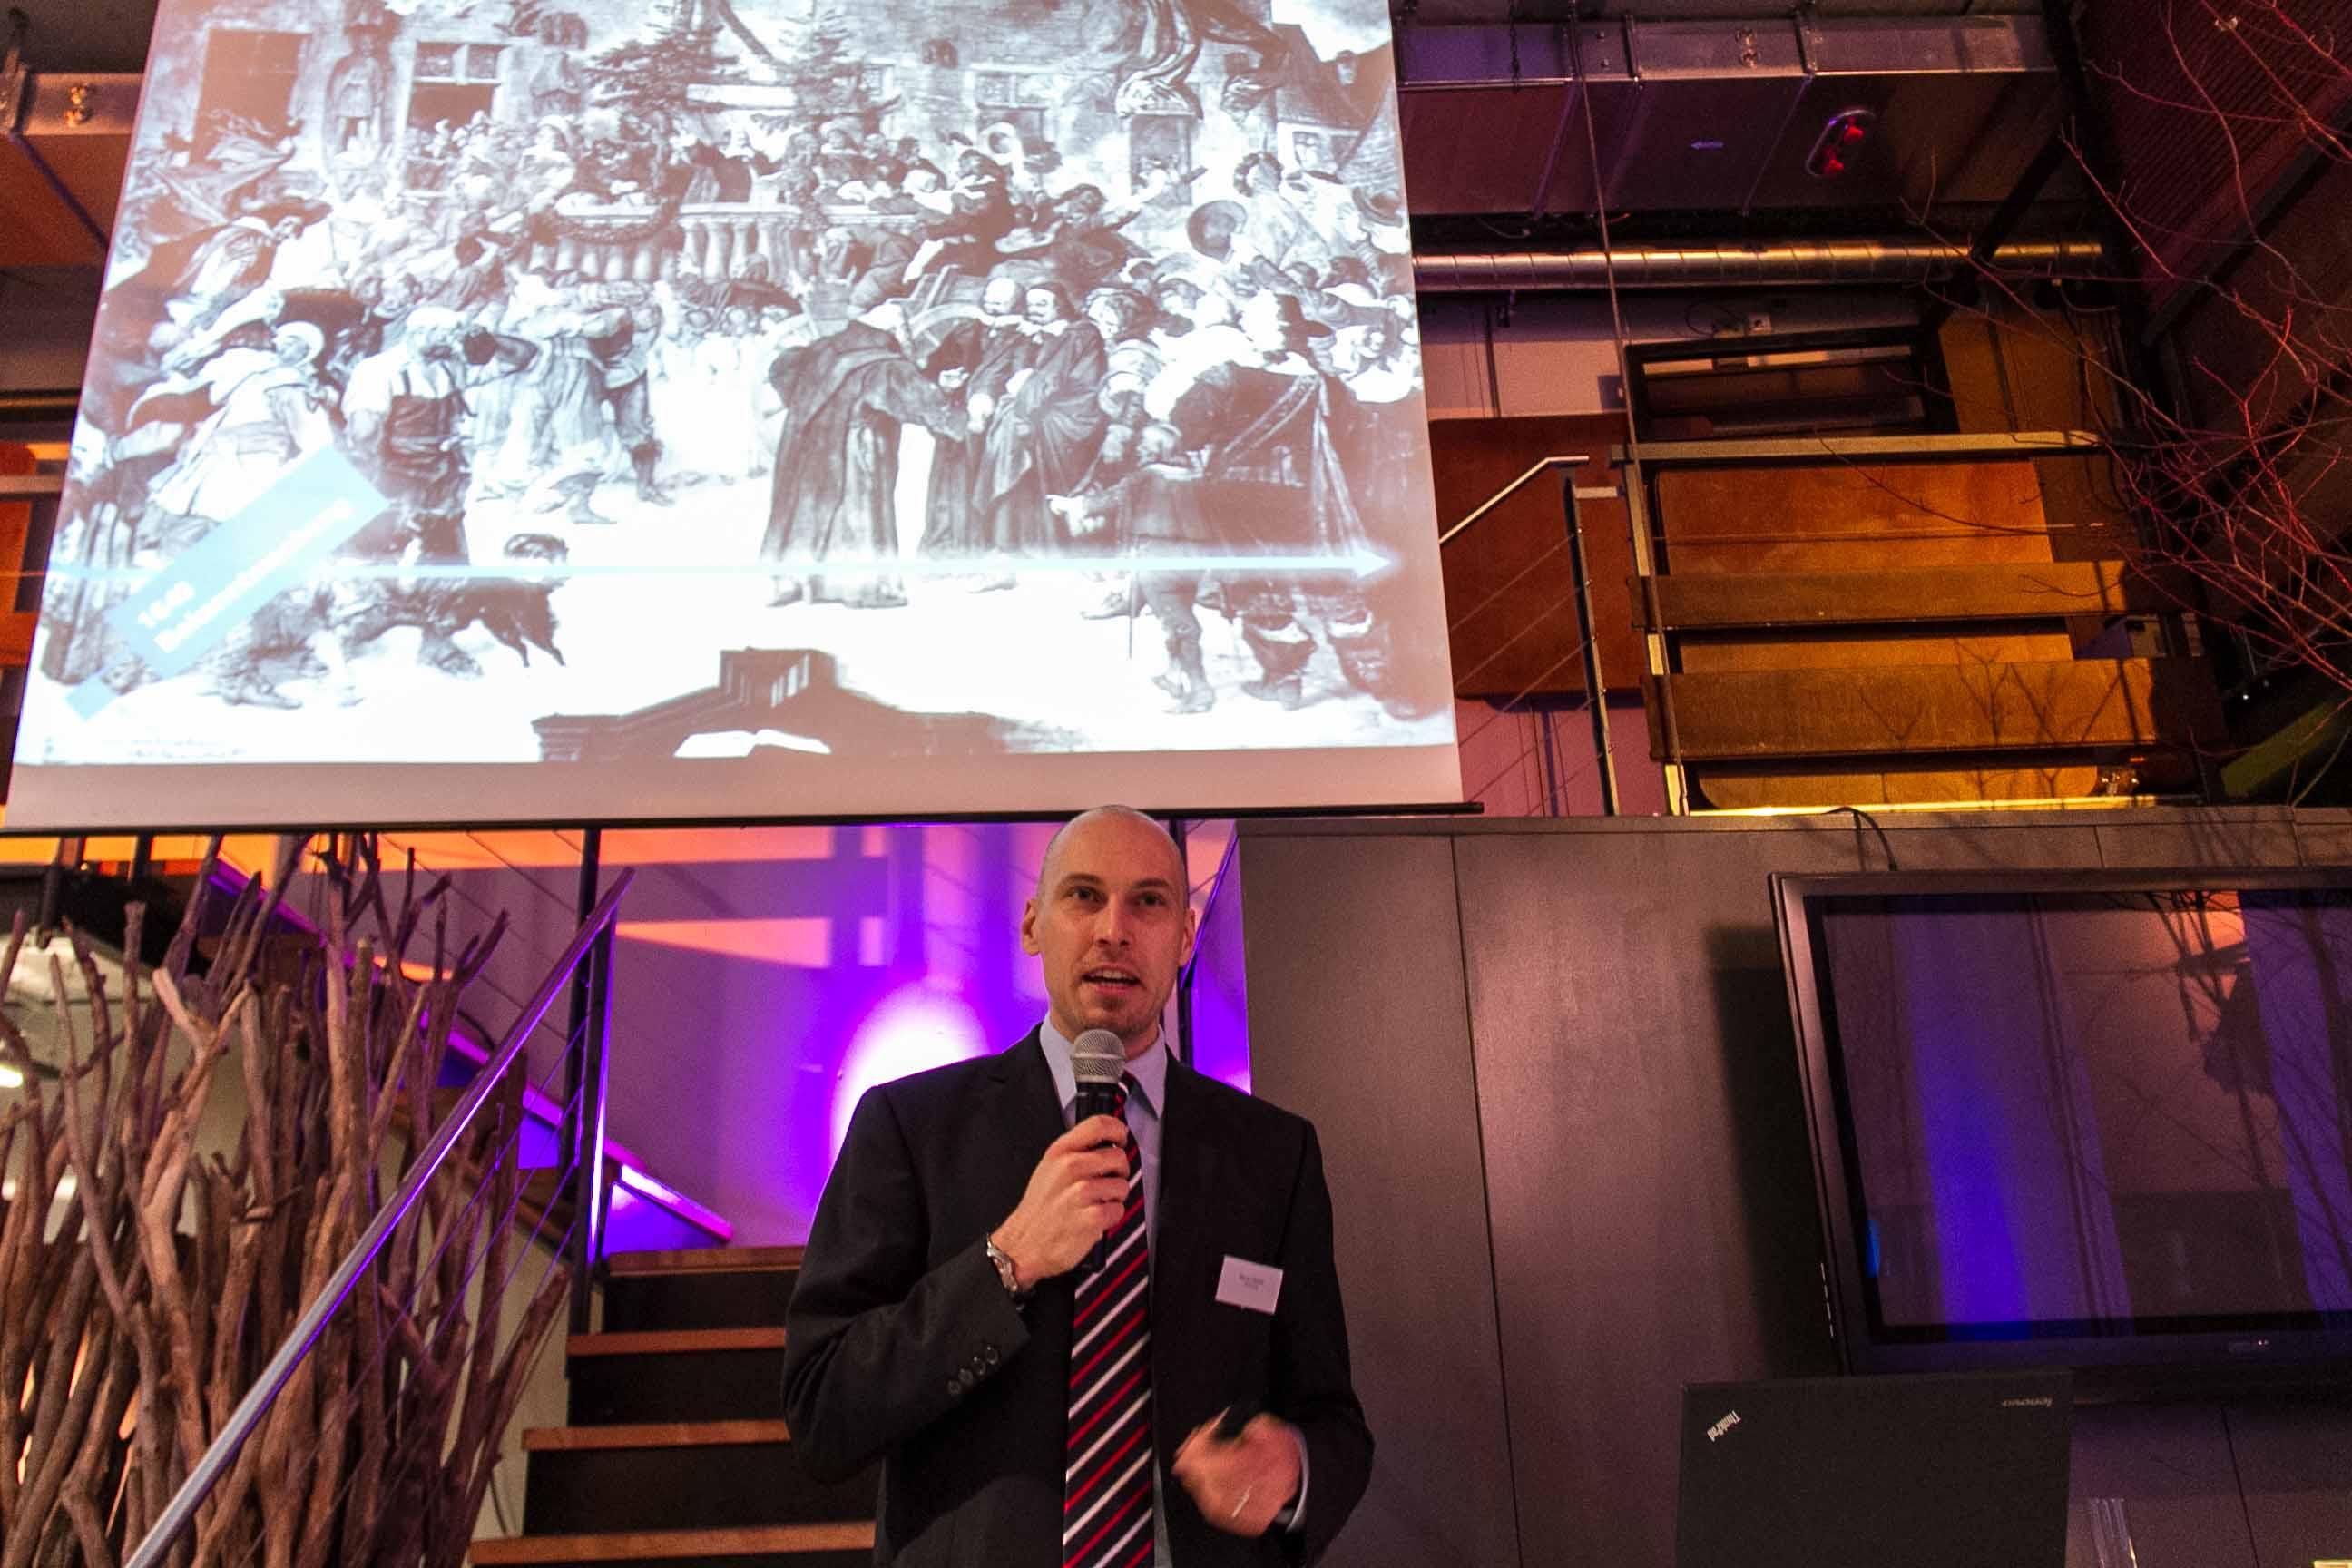 historisch-Kommunikation-Marco-Hassler-Namics-Vortrag-SIMSA-Late-Afternoon-Talk